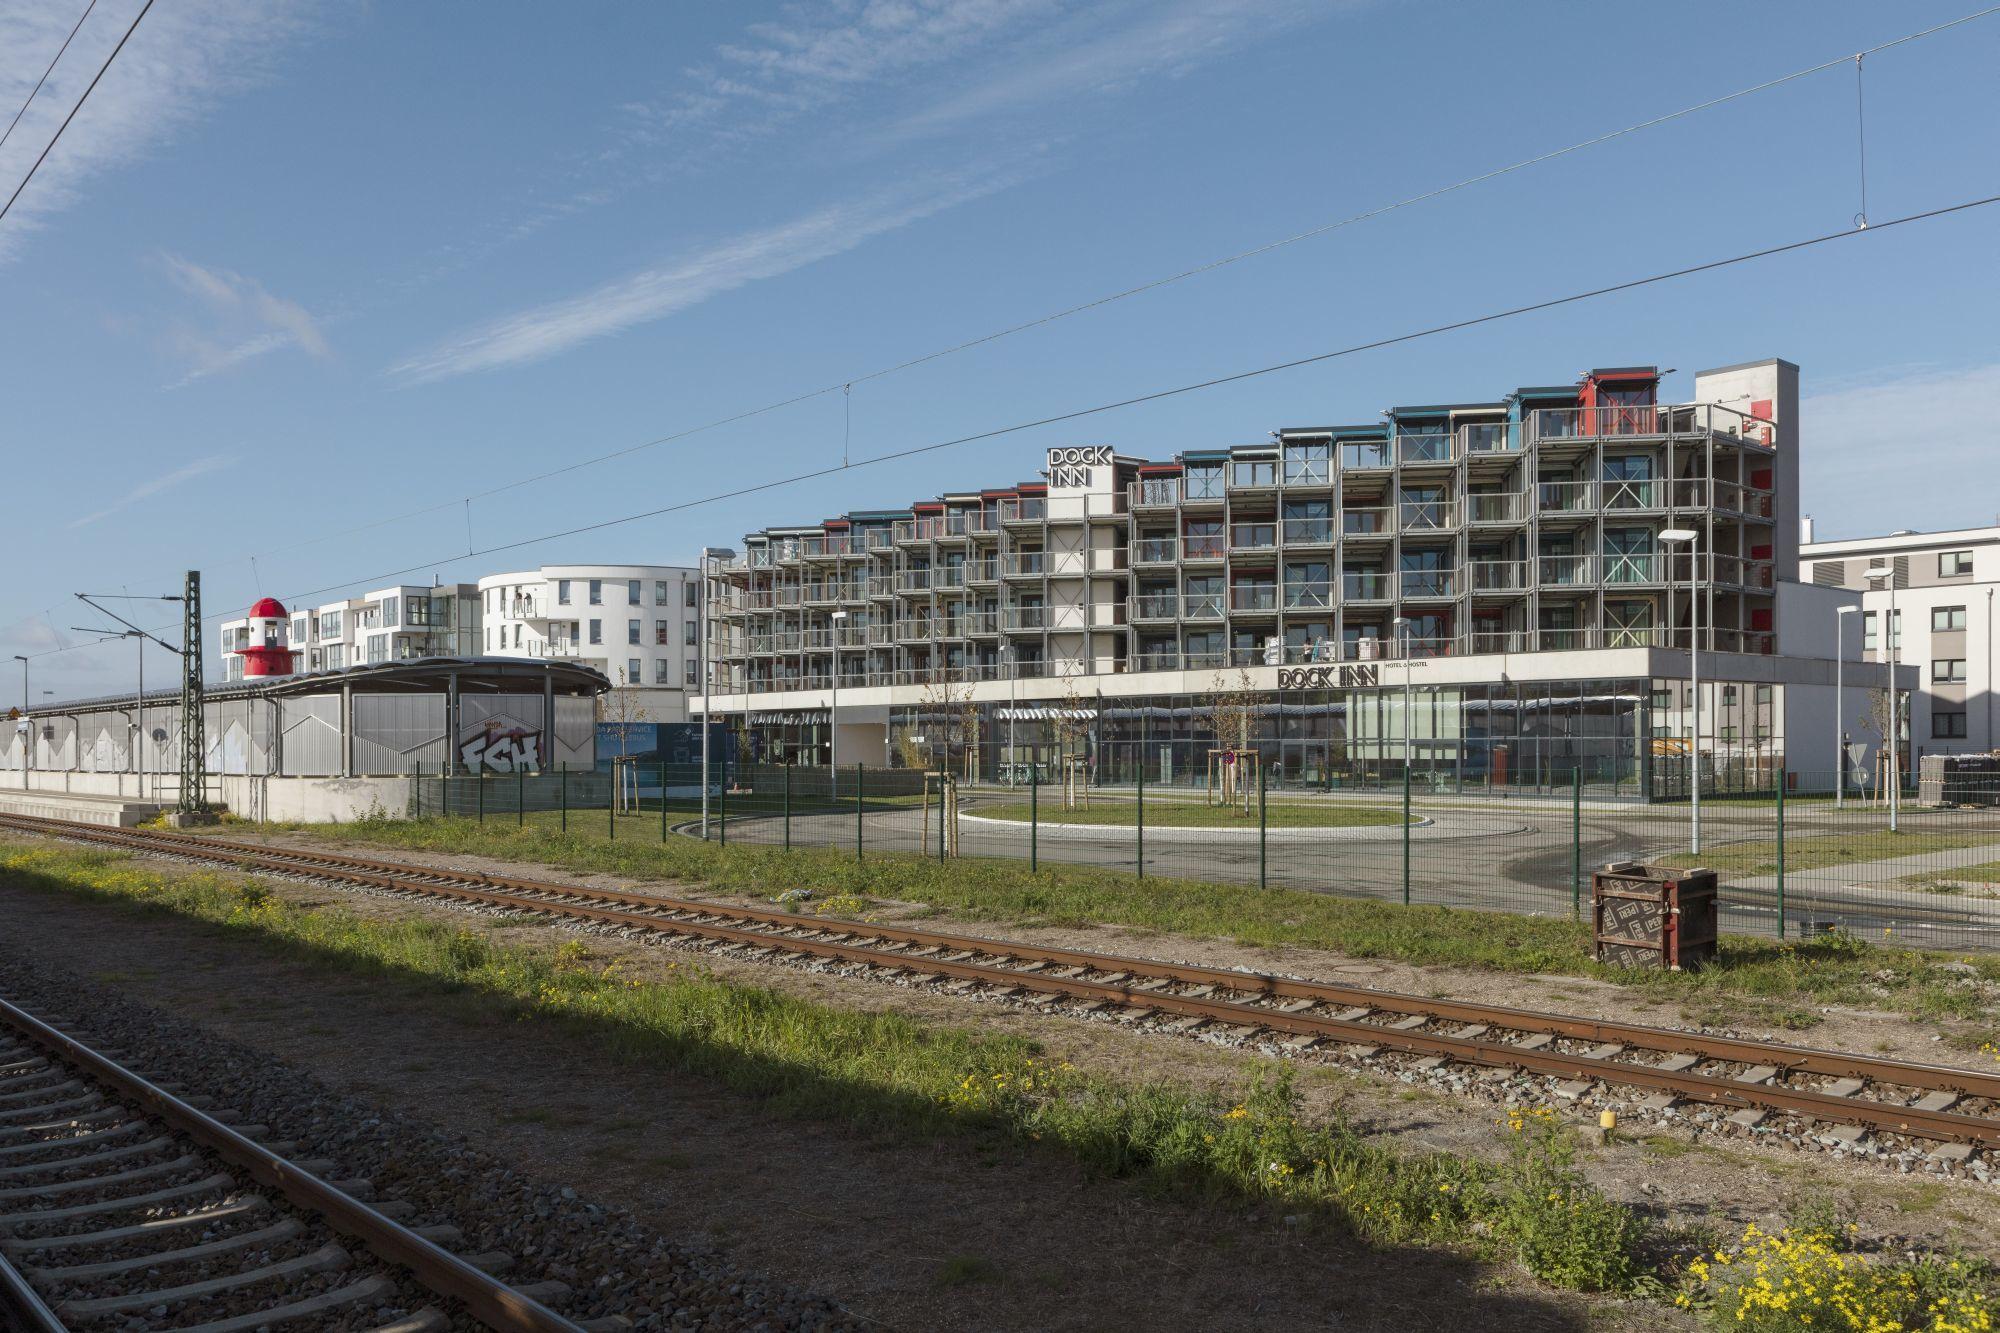 Jan Bitter, Berlin